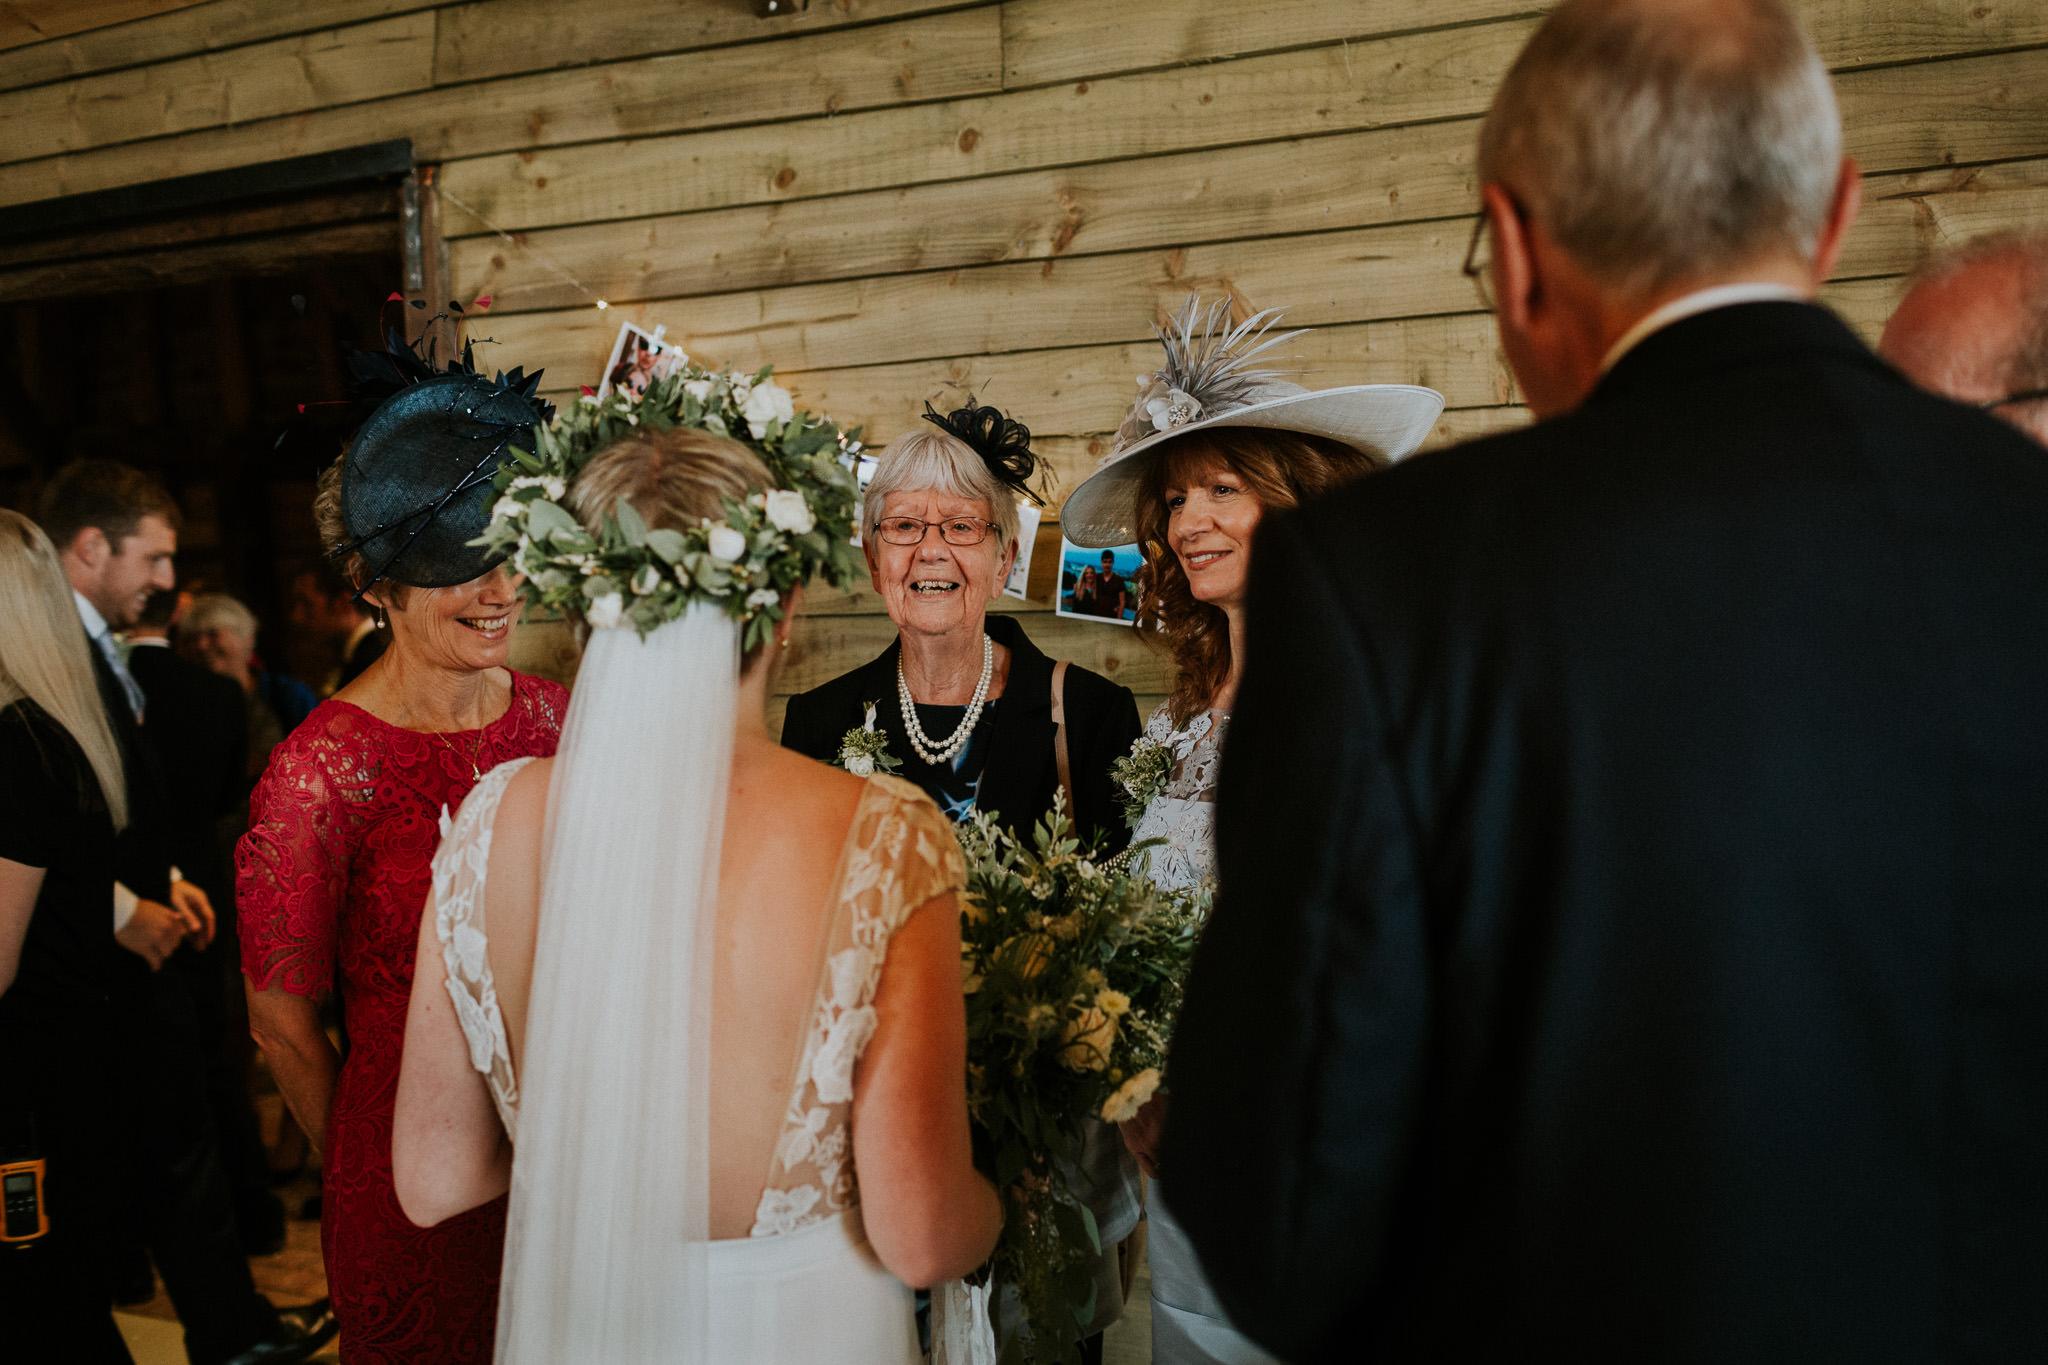 BillinghurstFarmwedding-102.jpg